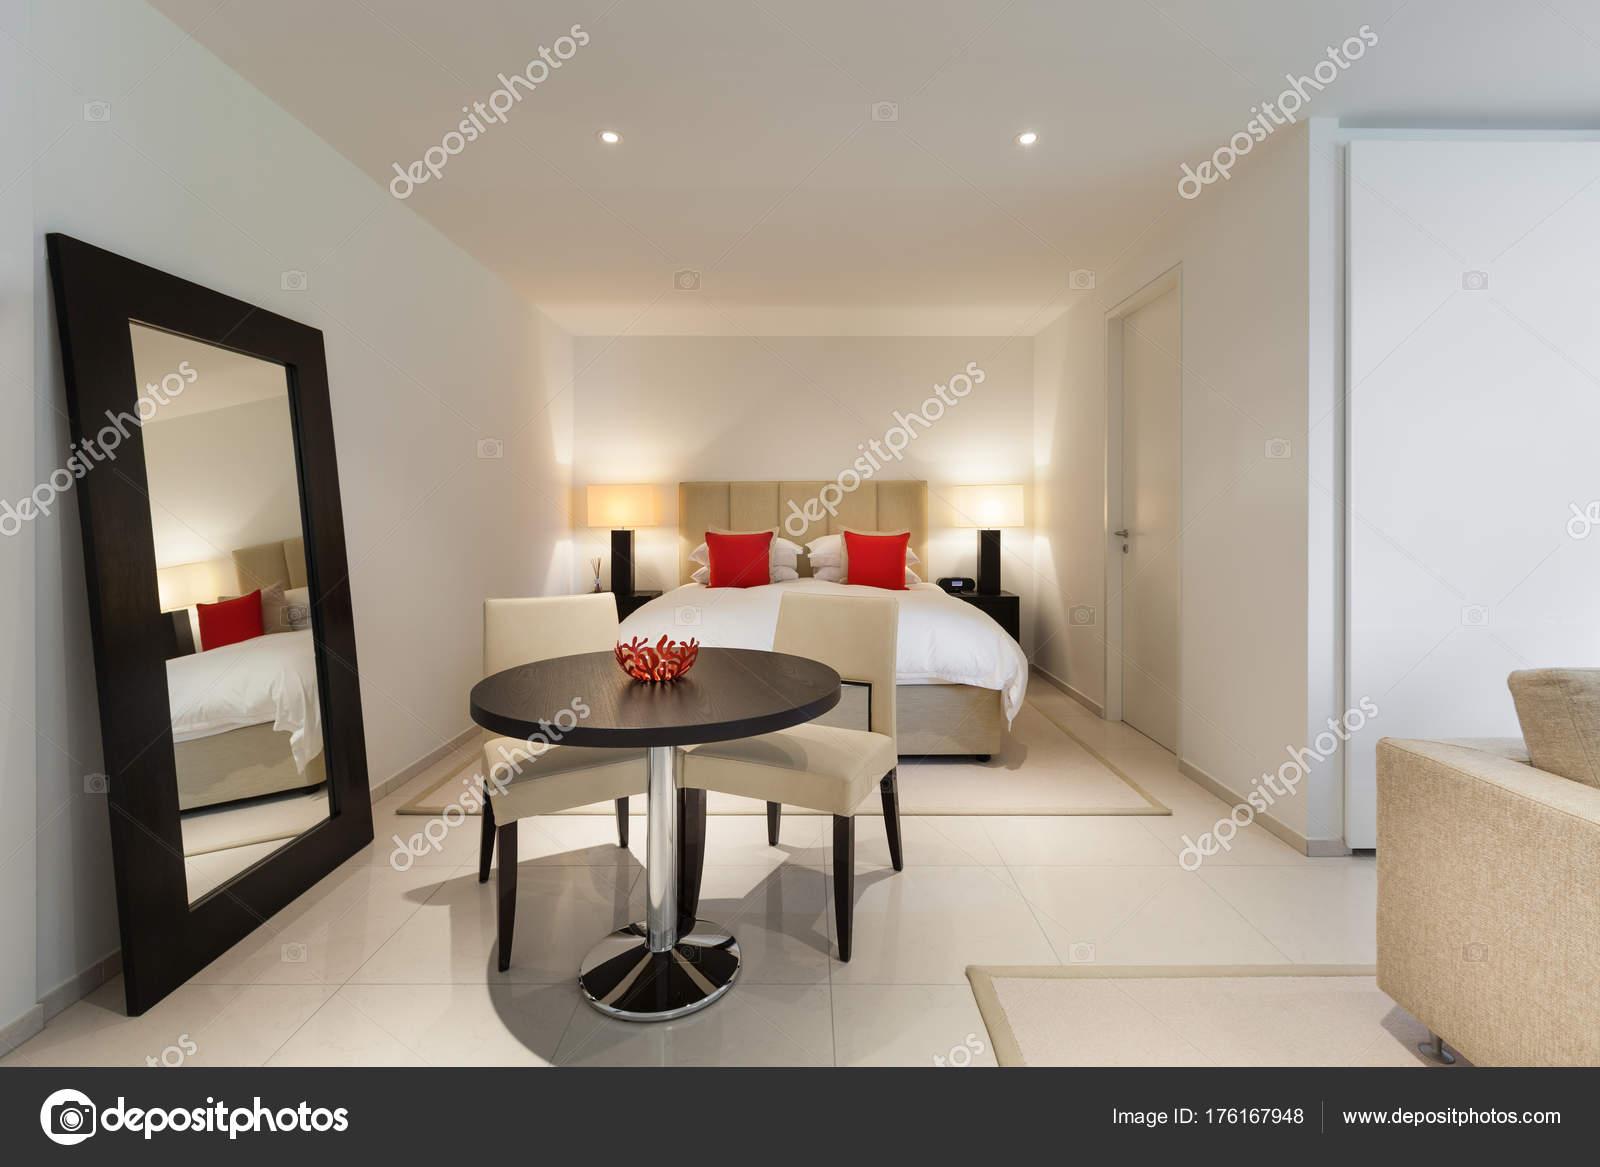 modernes design — Stockfoto © Zveiger #176167948